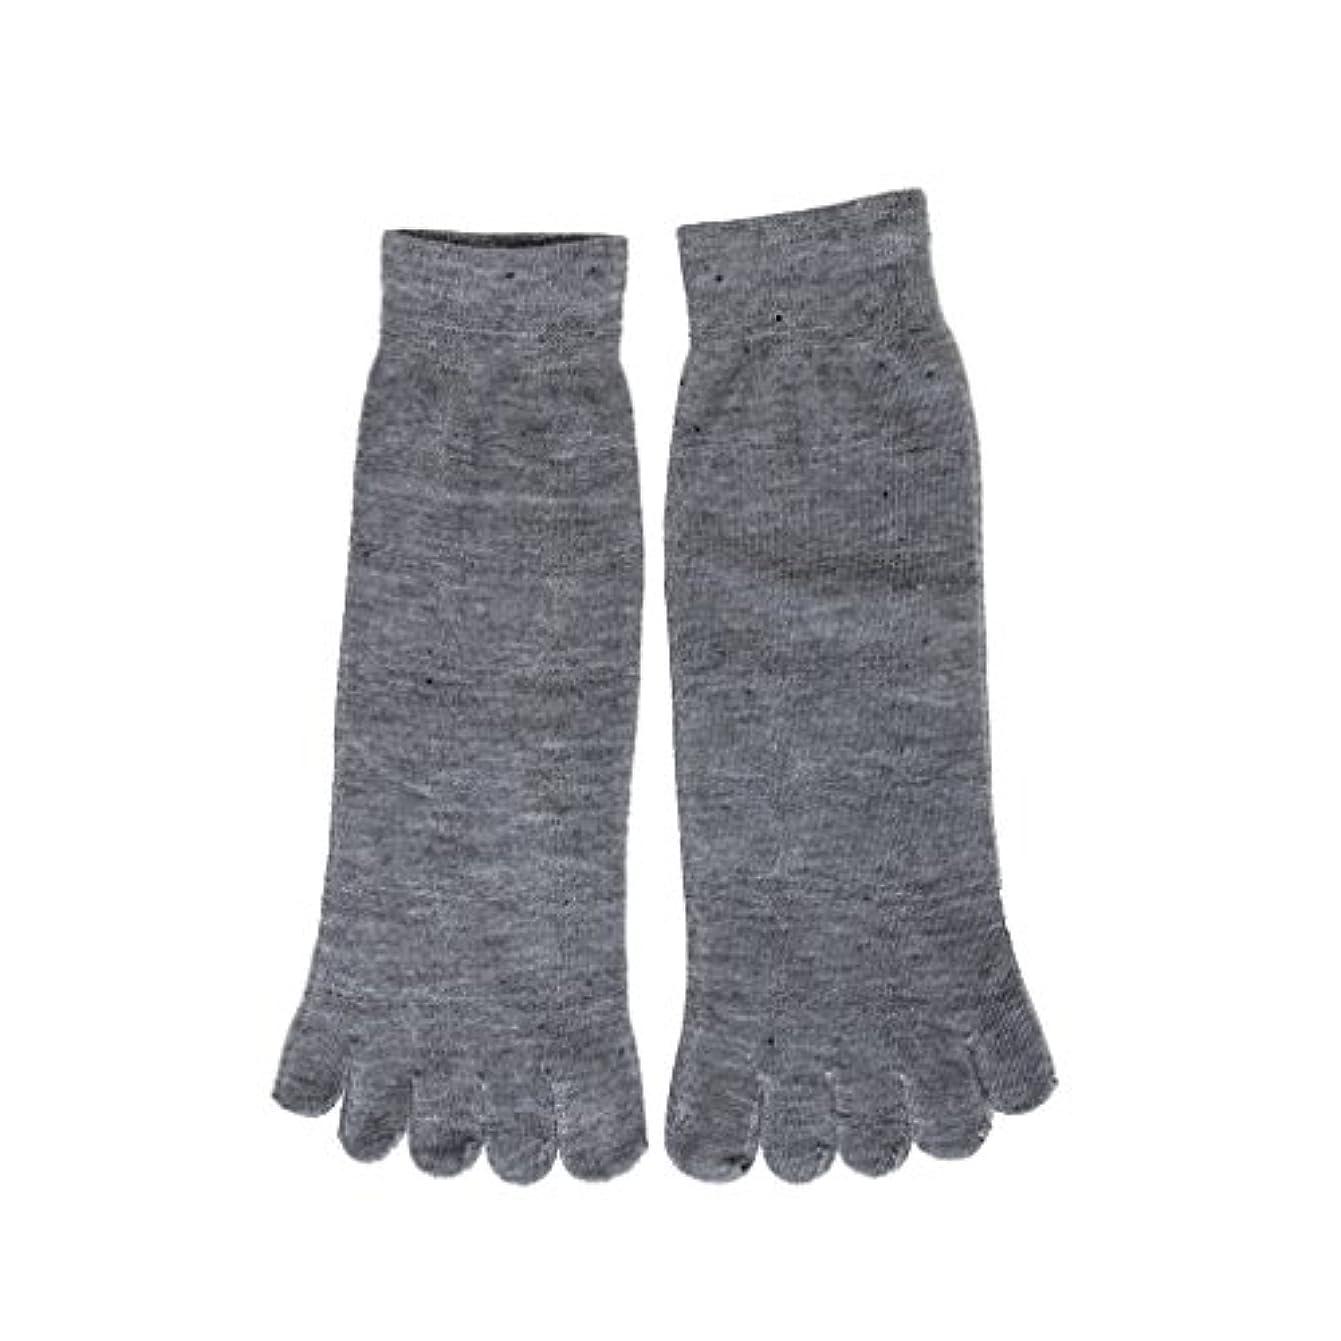 大使館ディーラー歴史【Footful】ソックス 靴下 くつ下 五本指ソックス サポートソックス 全4色 (ライトグレー)